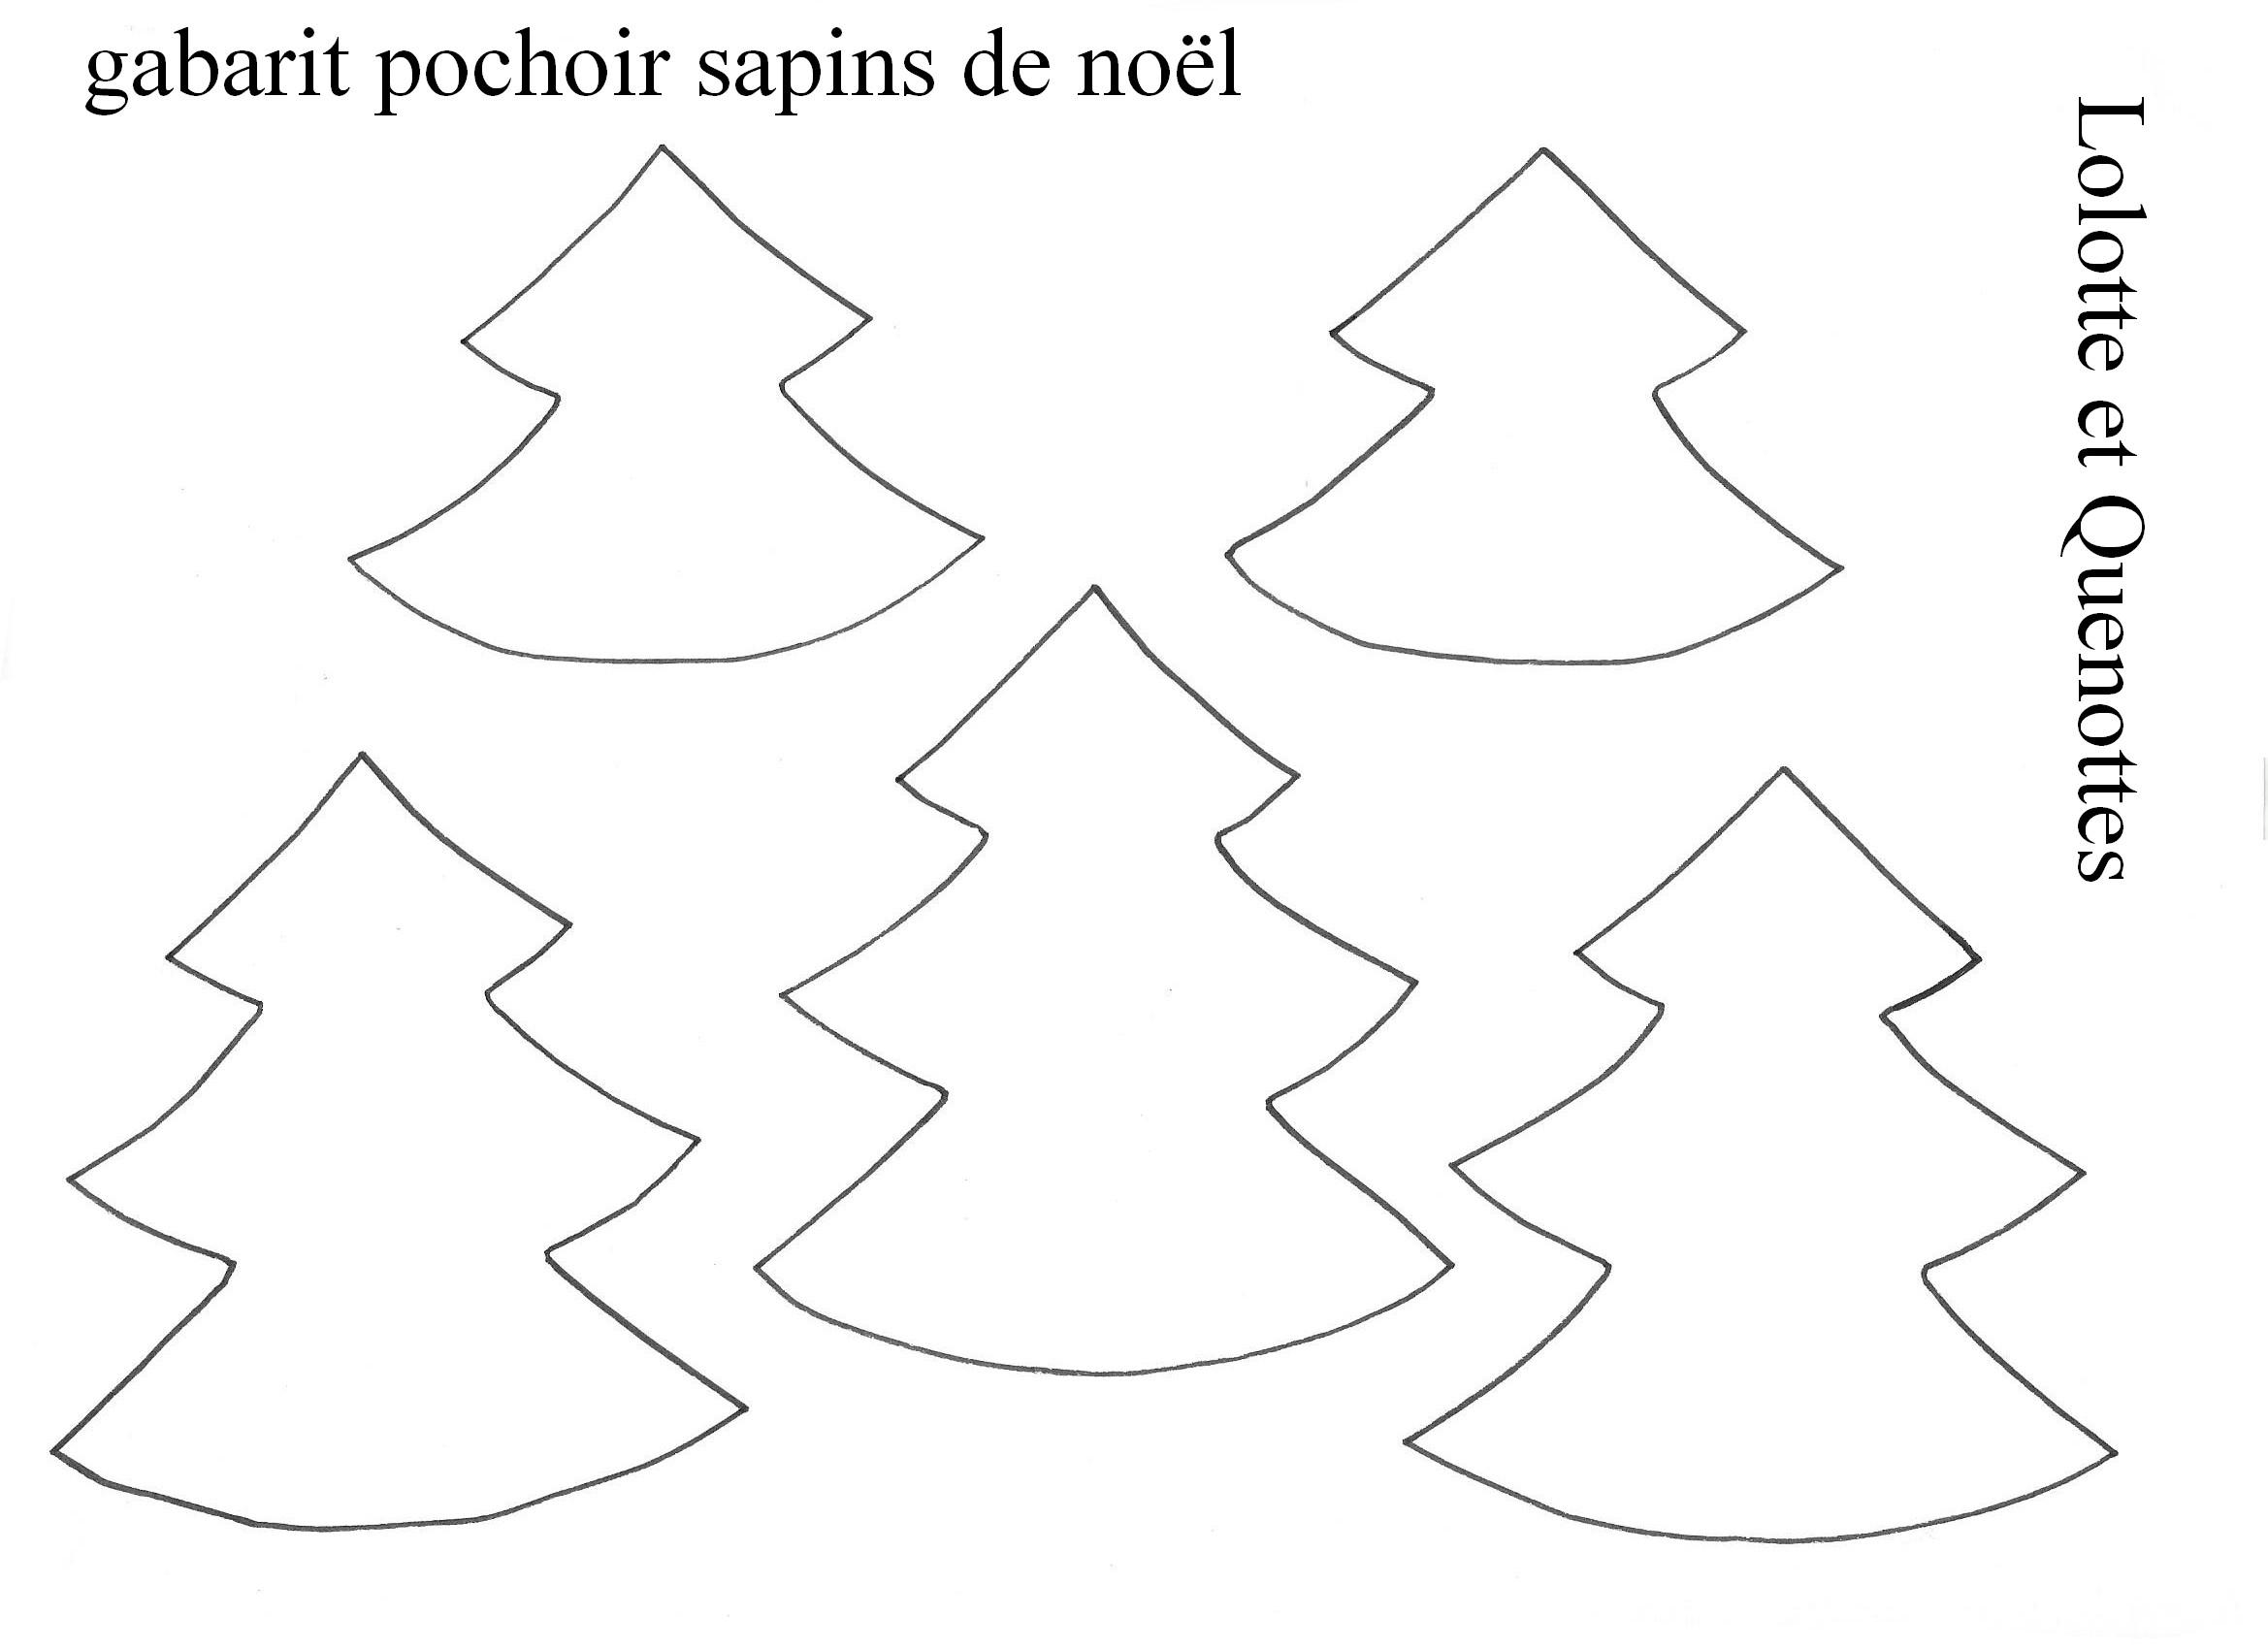 Pochoir Sapins De Noël destiné Gabarit Sapin De Noel